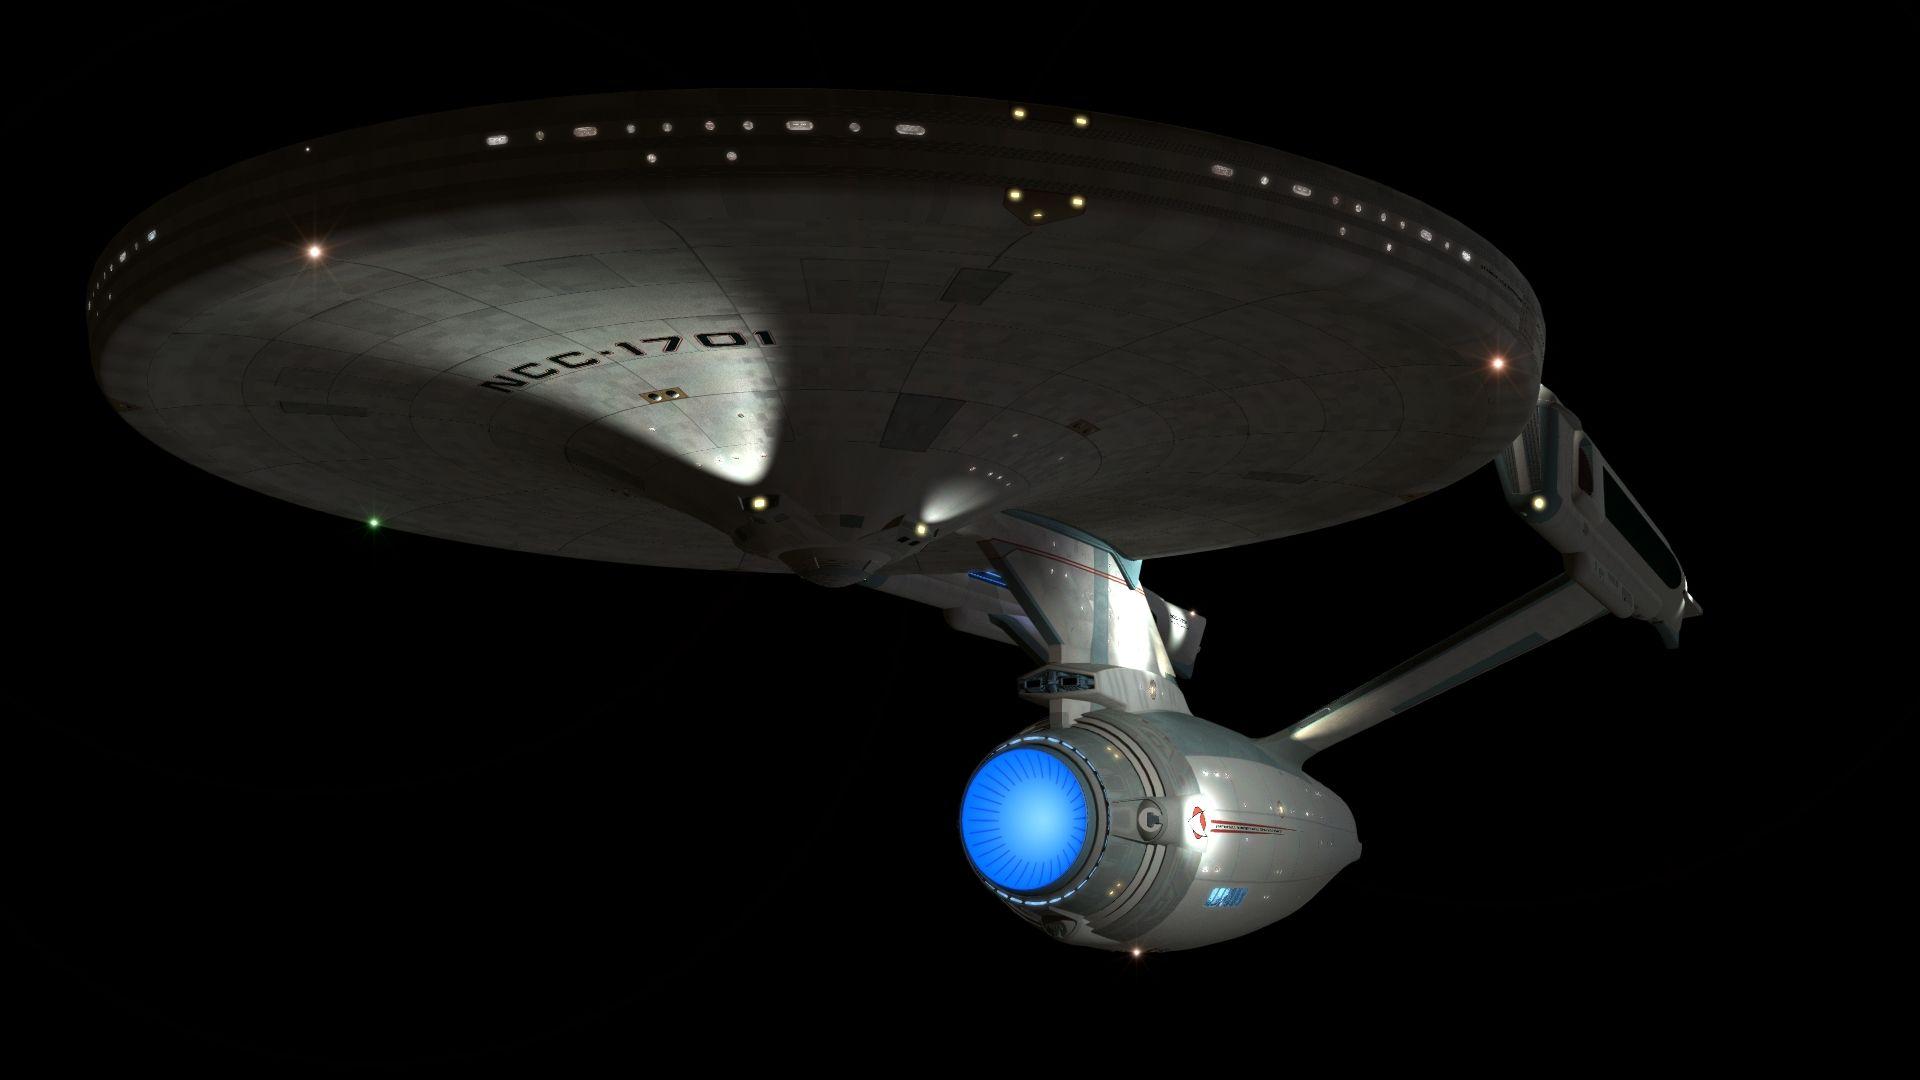 Star Trek Wallpaper Hd 19883 1920x1080